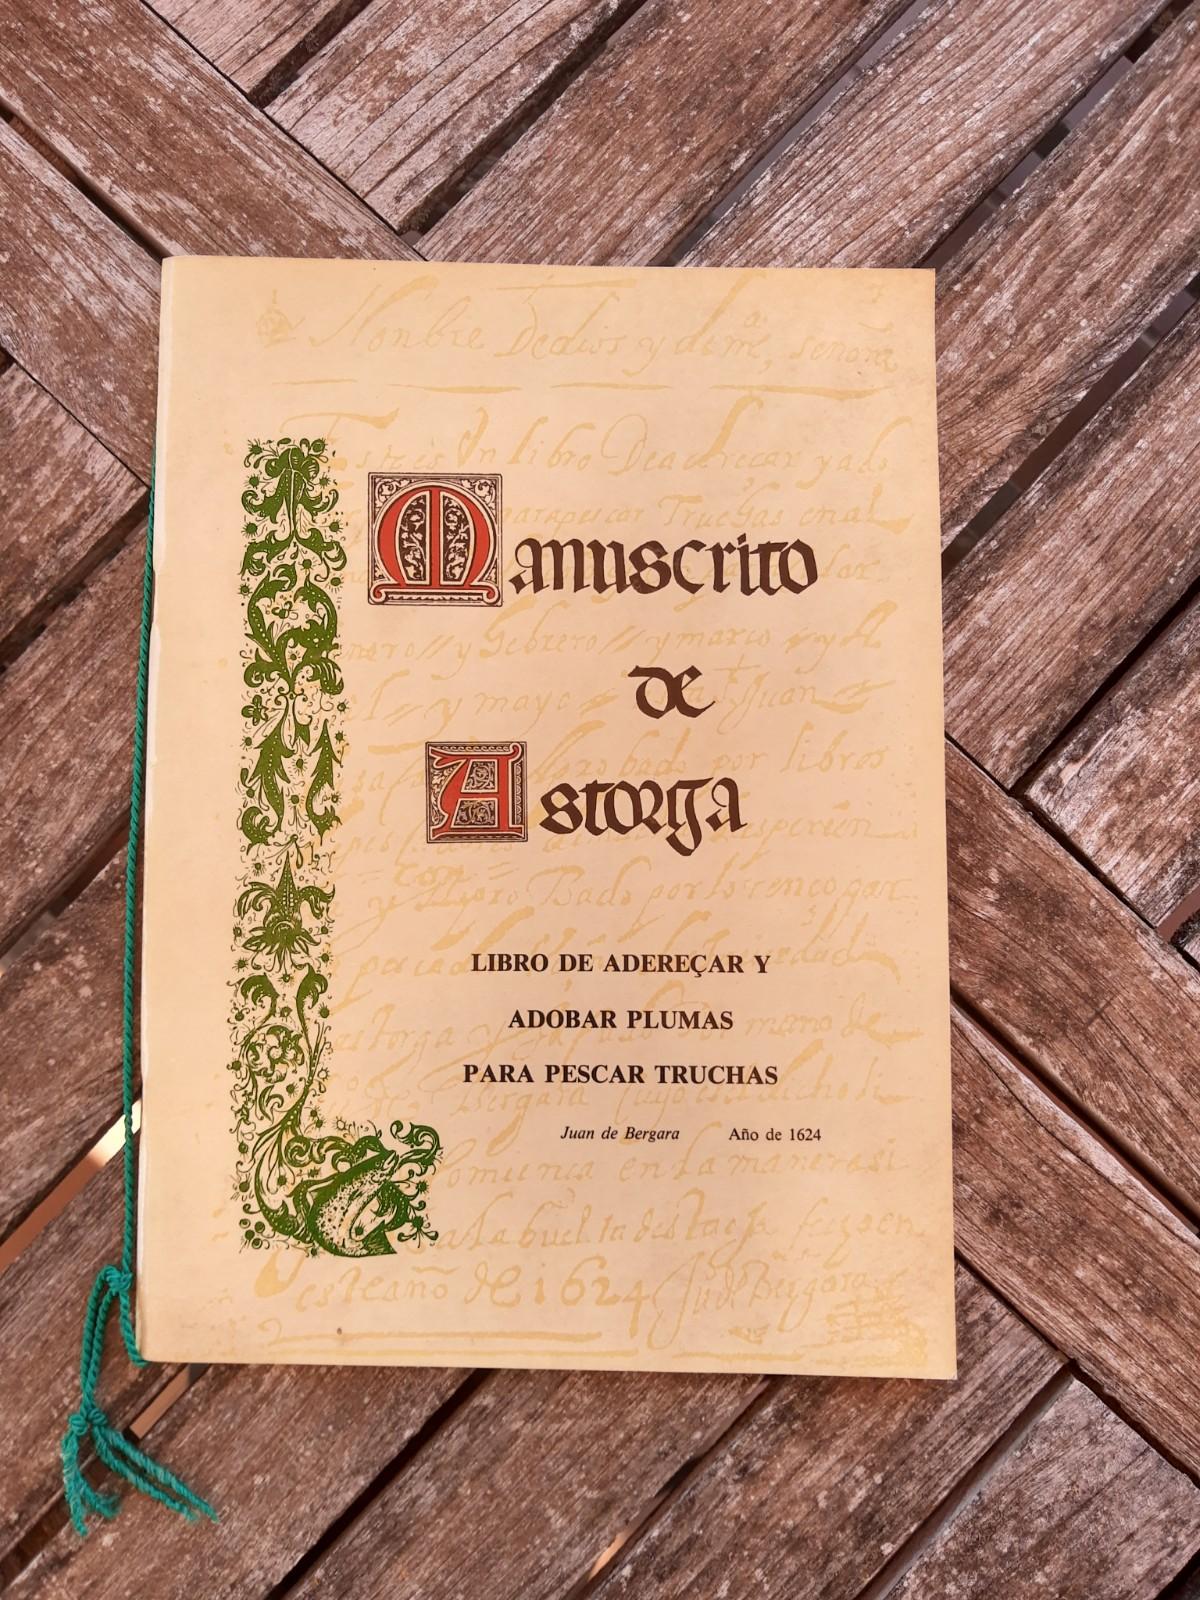 En este momento estás viendo Manuscrito de Astorga. ¿Ahogadas o secas? por Luis Antúnez Valerio